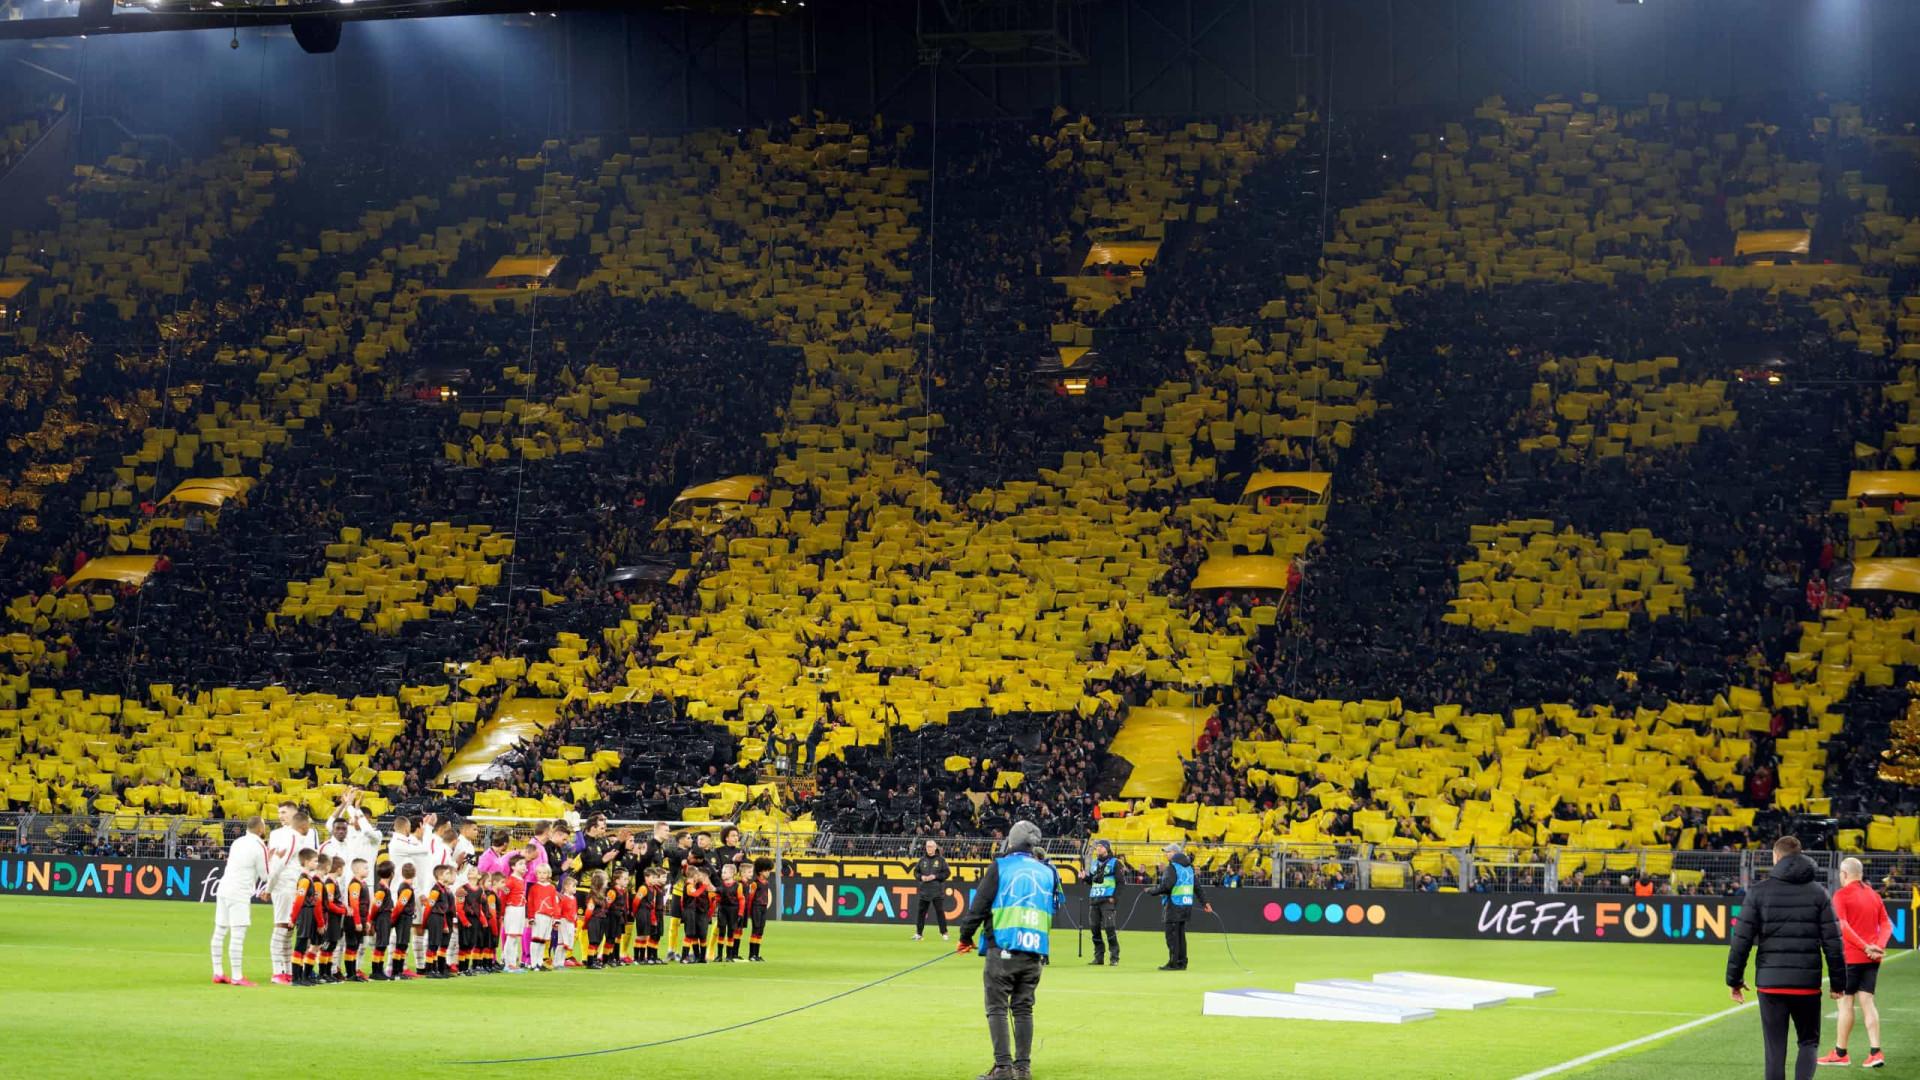 Adeptos do Borussia Dortmund doam mais de 70 mil euros a bares afetados